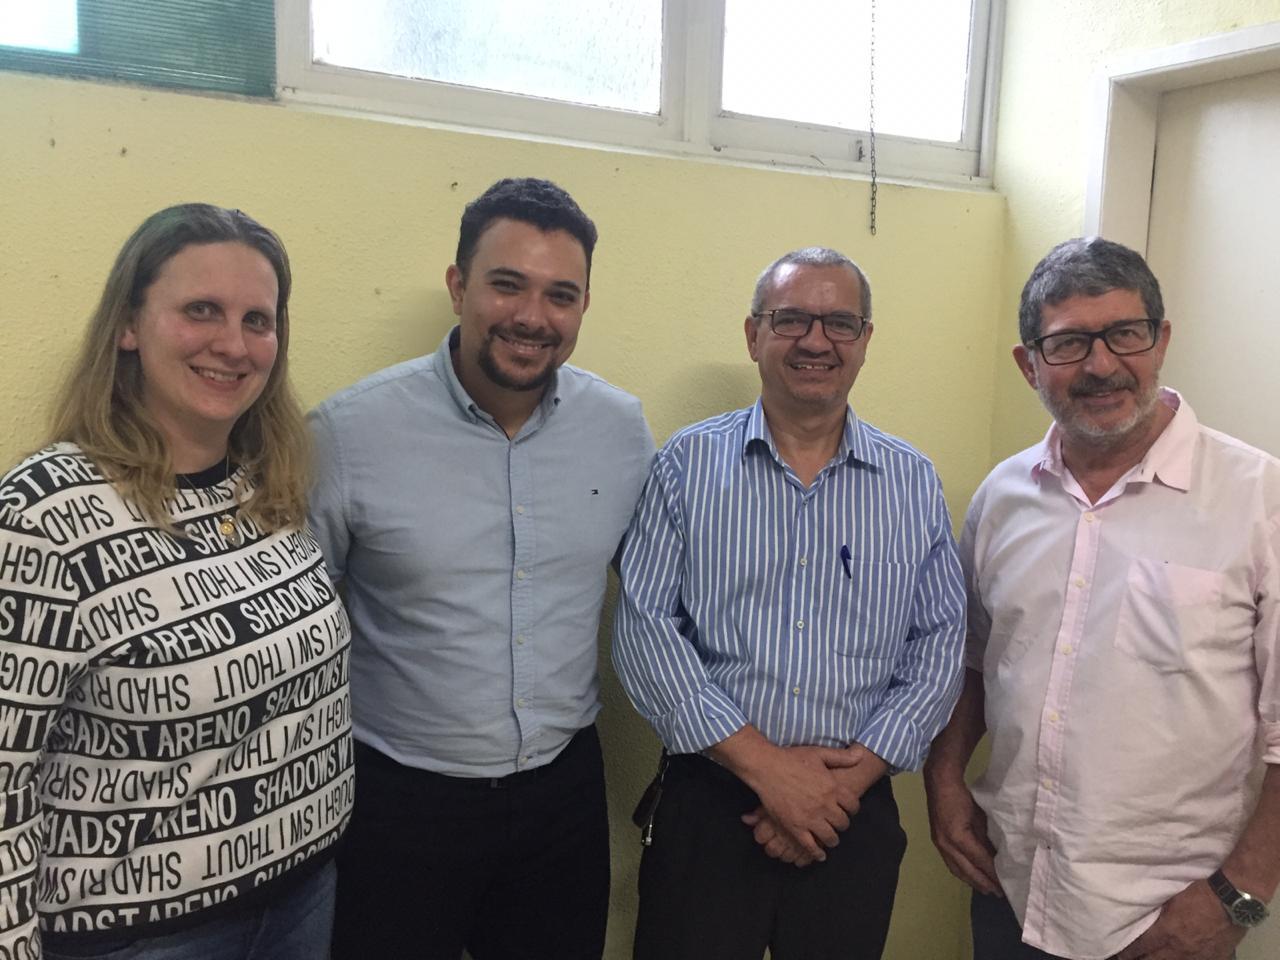 A nova diretoria do Raul Sertã: Wendy, Victor, Geilson com o secretário Marcelo Braune